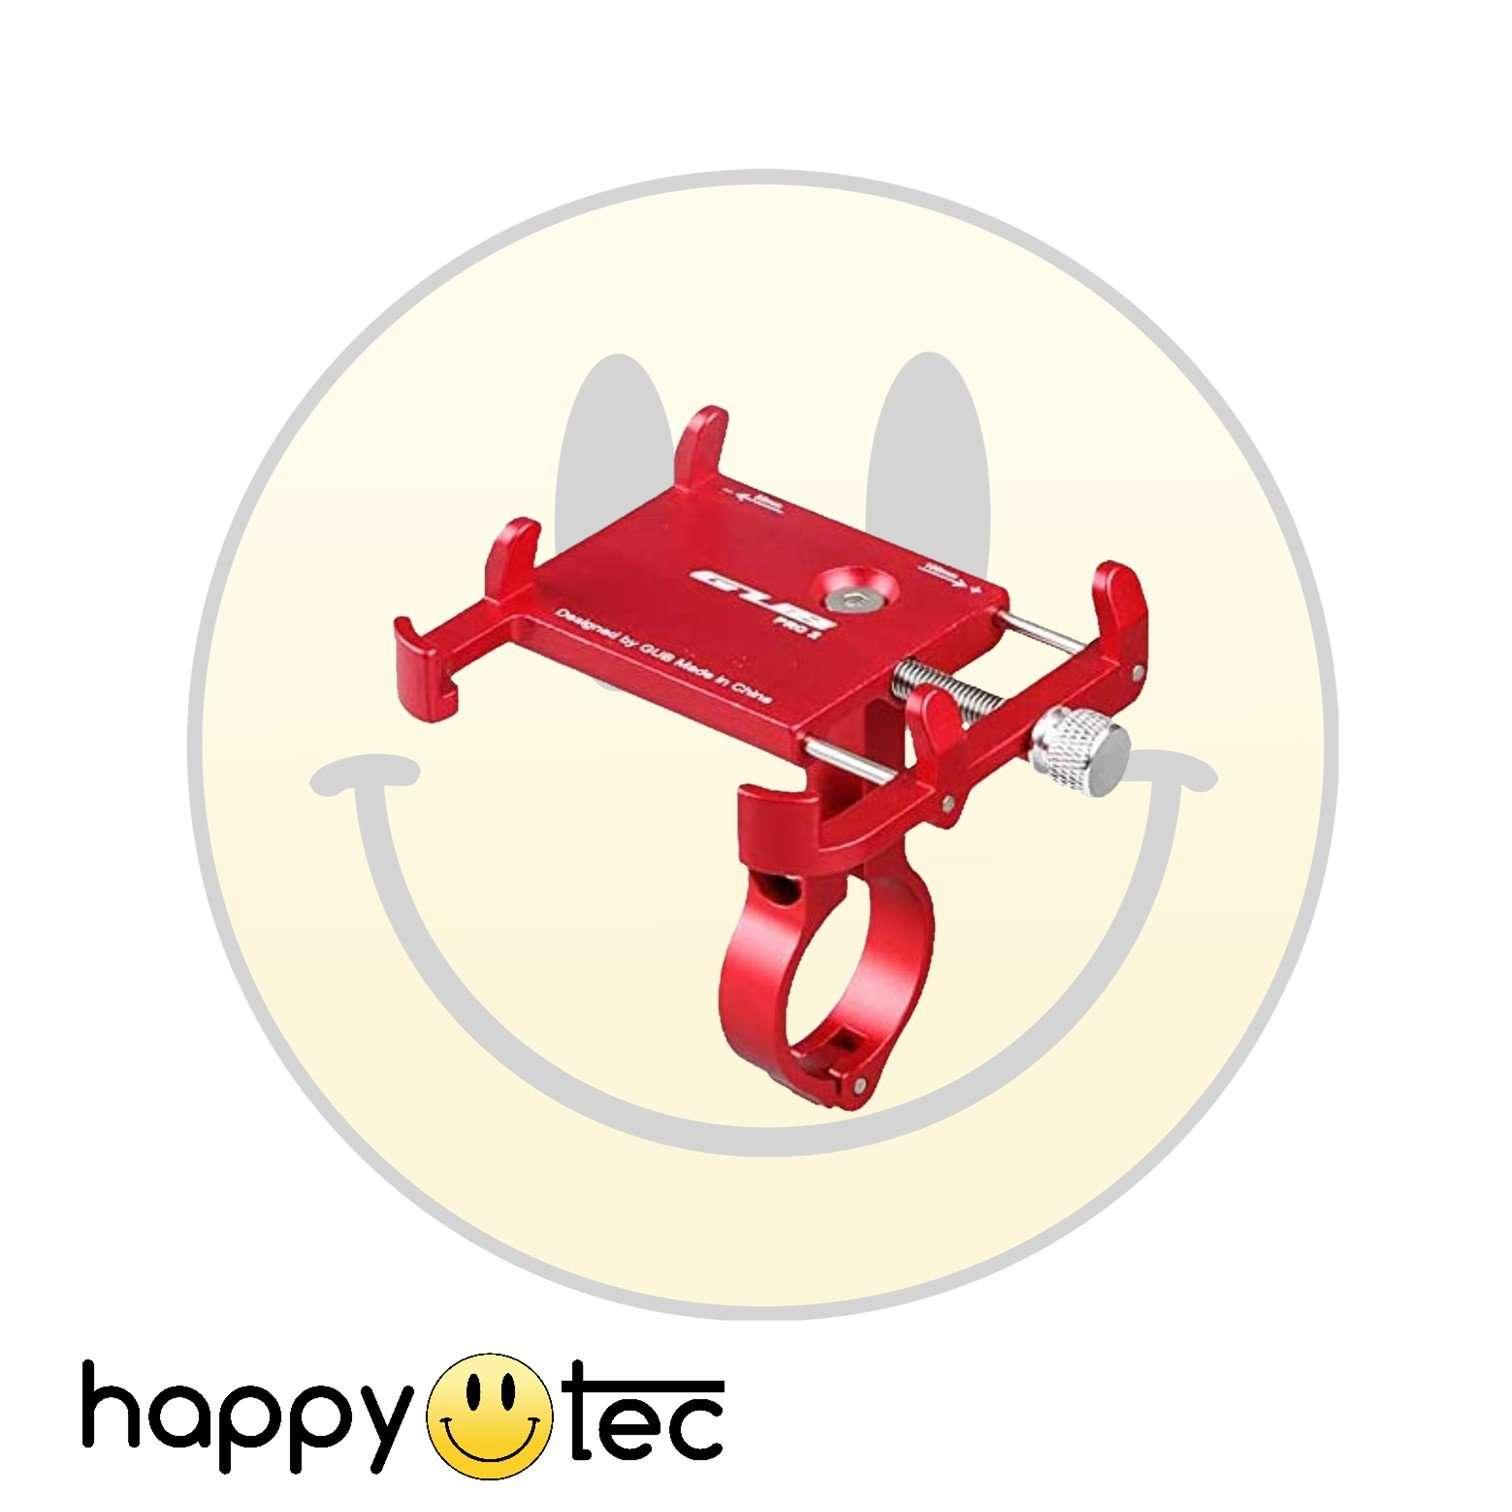 Supporto cellulare da manubrio colore rosso (Mod. GUB)